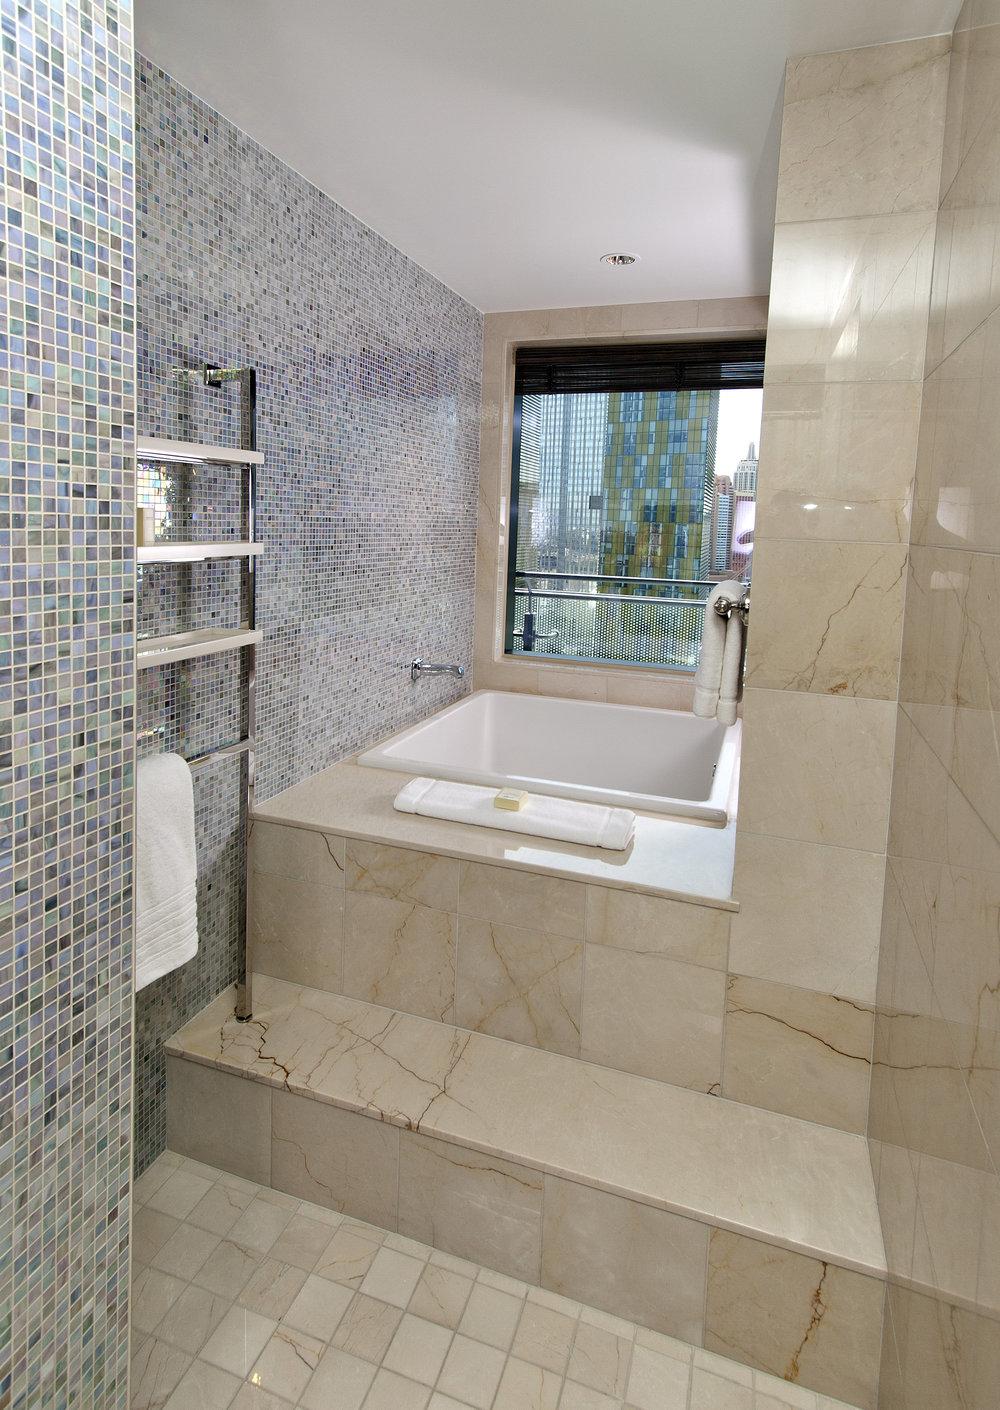 cosmopolitan_bath-2-highres-300dpi.jpg